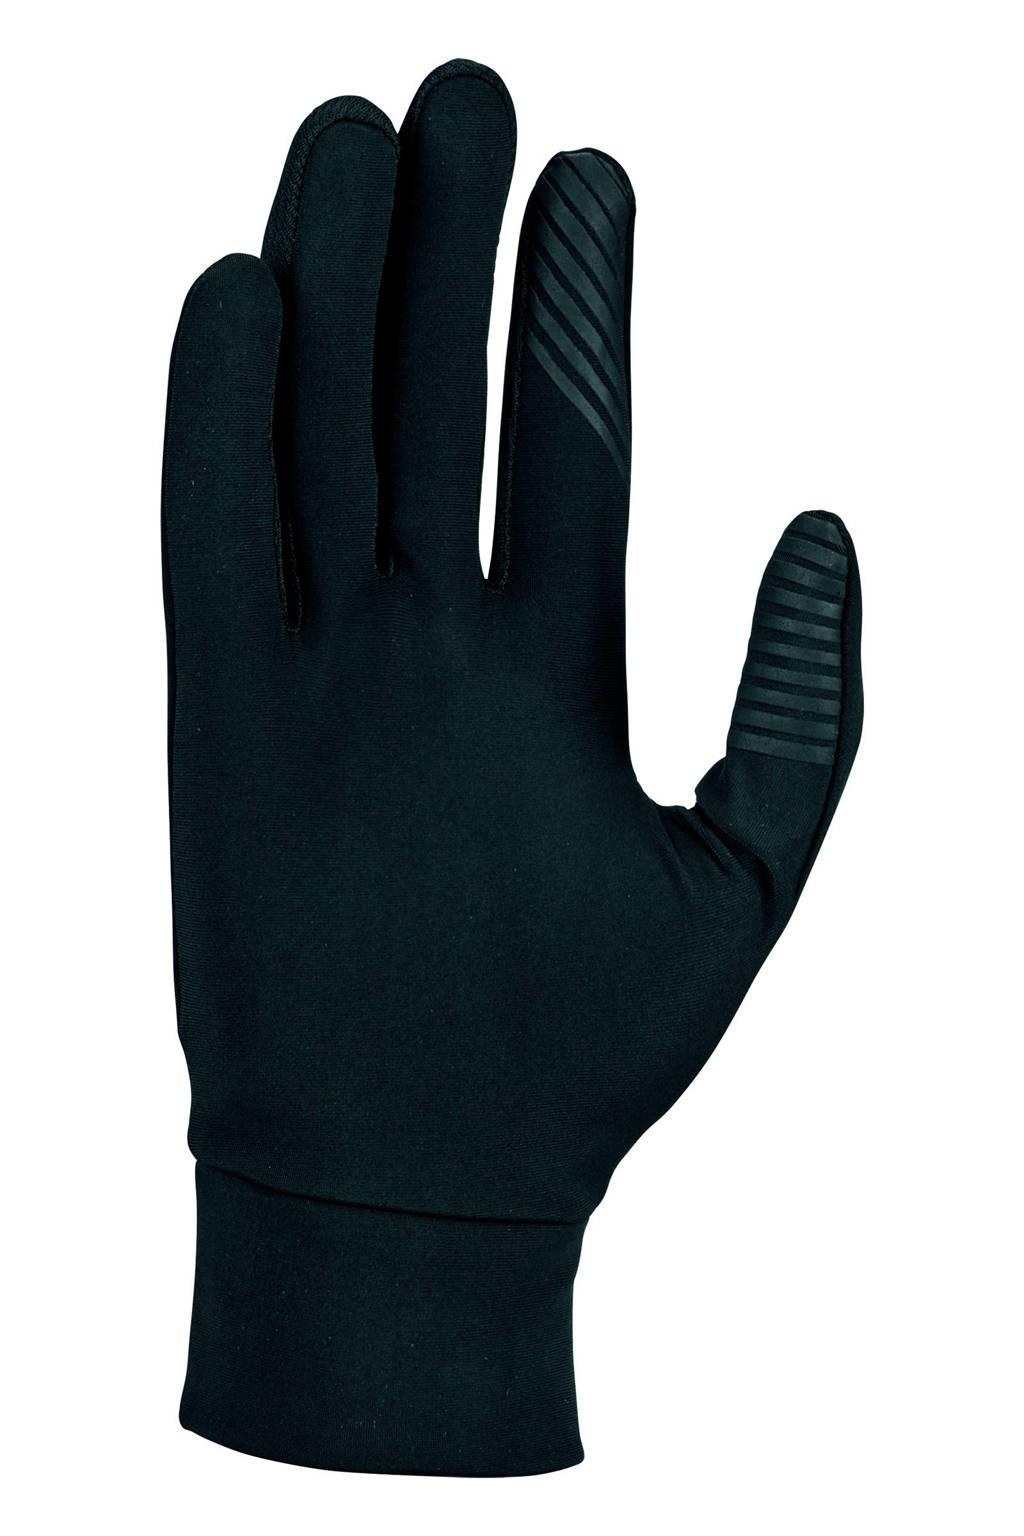 857a84d4ca0 Nike hardloop heren handschoenen | wehkamp